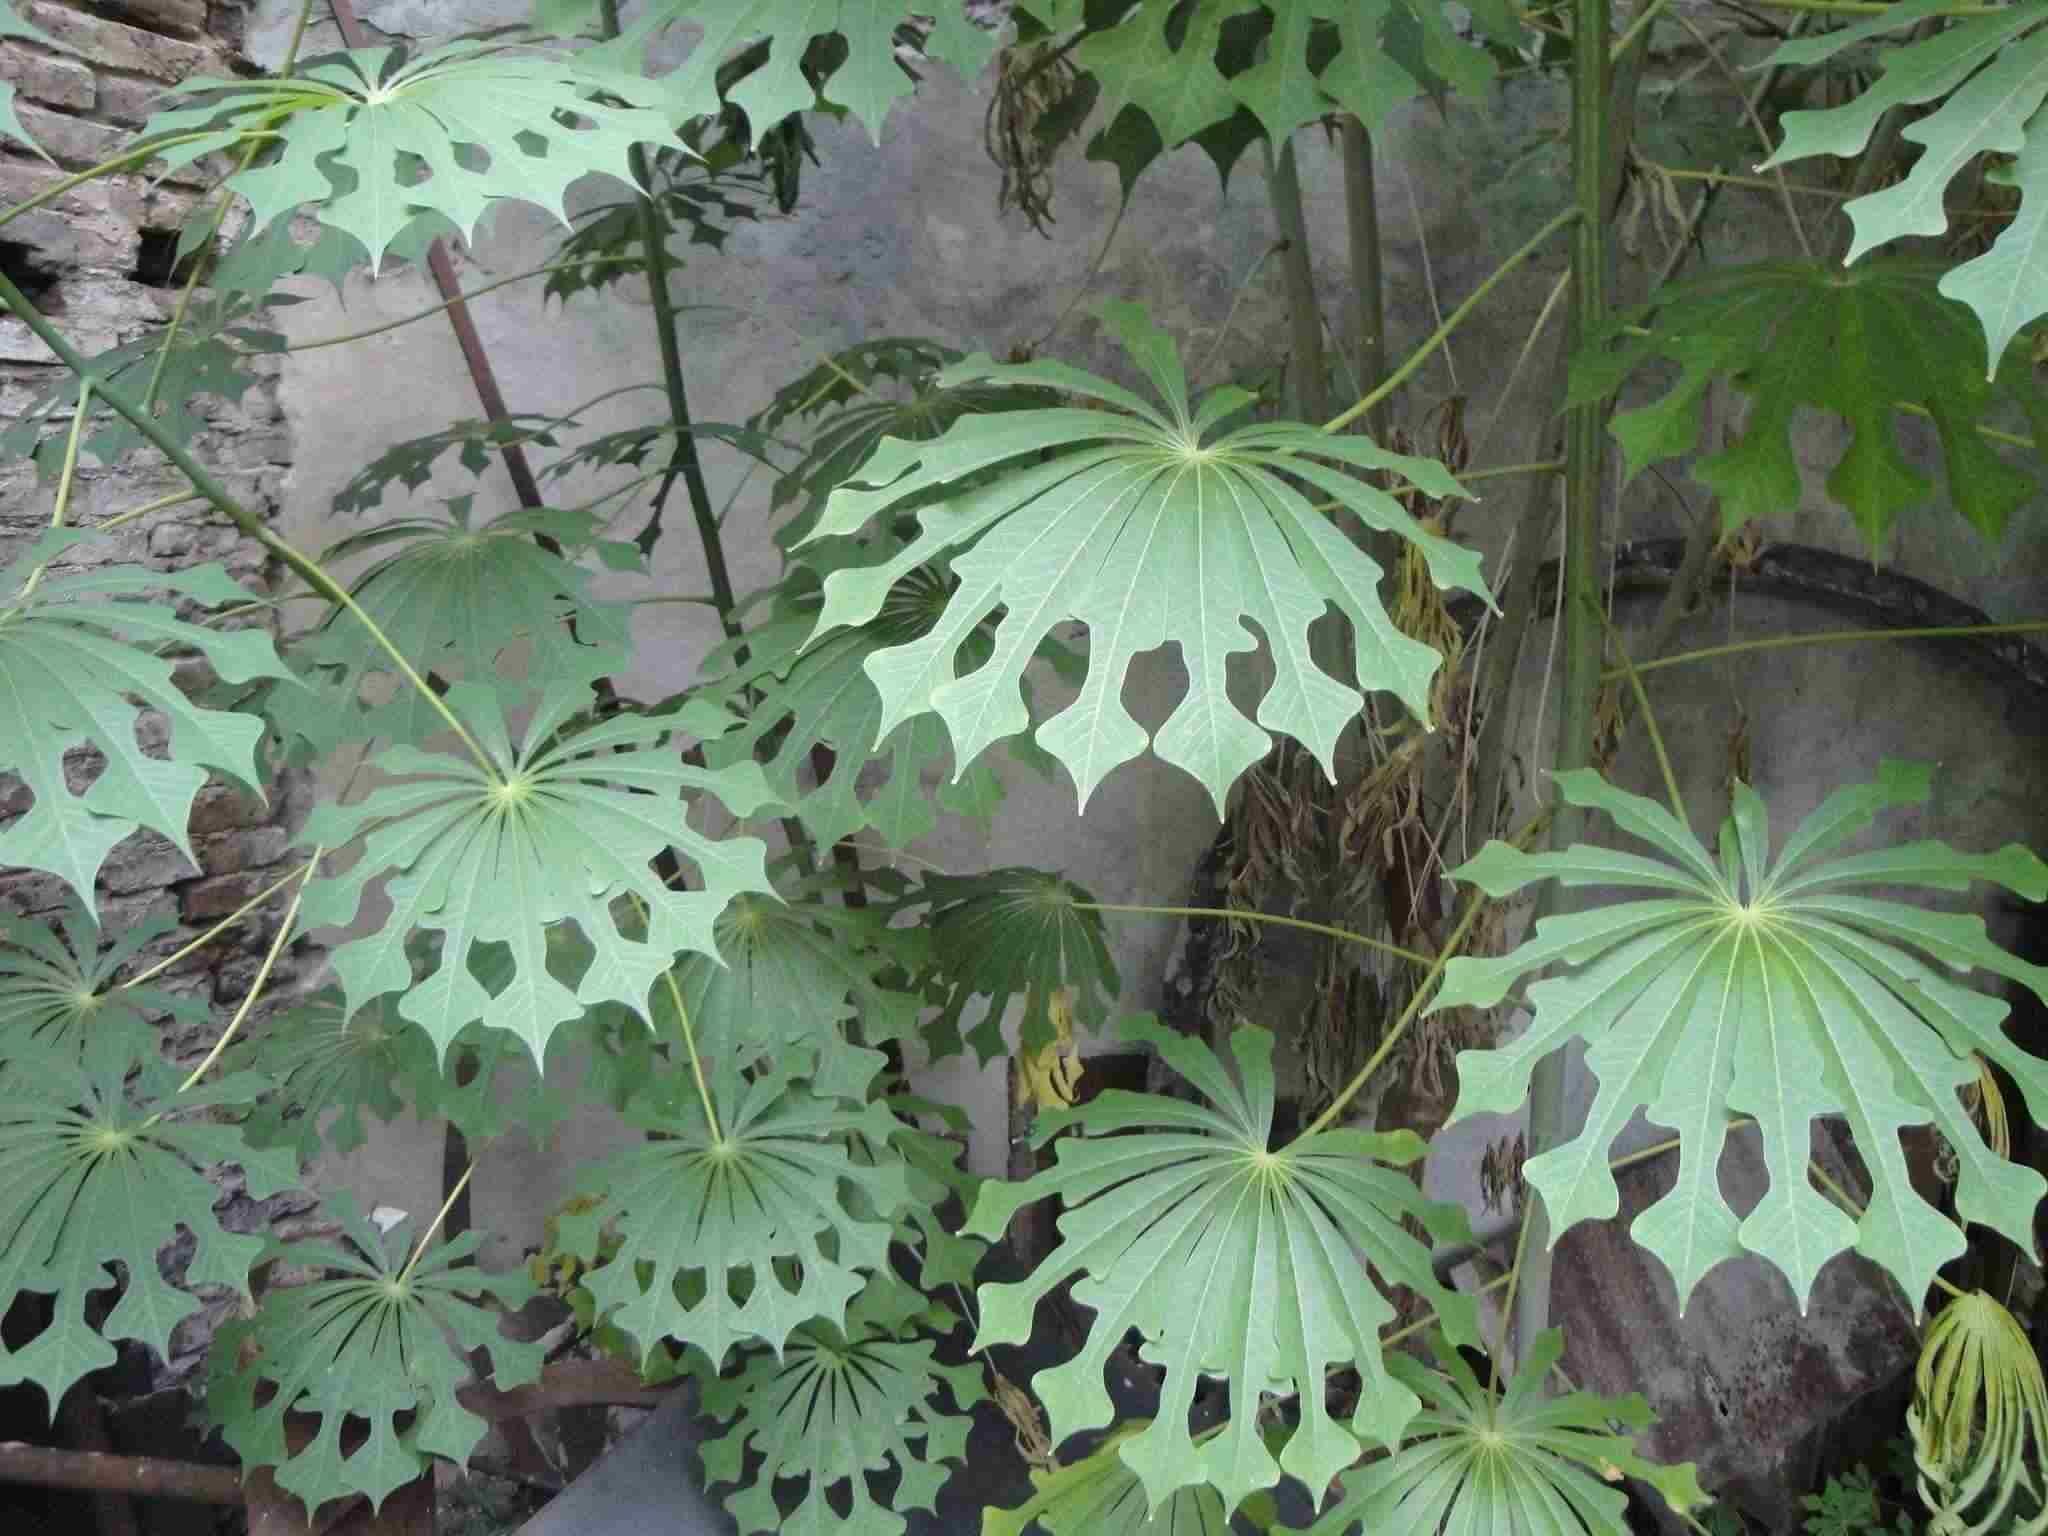 Manihot grahamii hardy tapioca graham 39 s cassava a for Small hardy trees